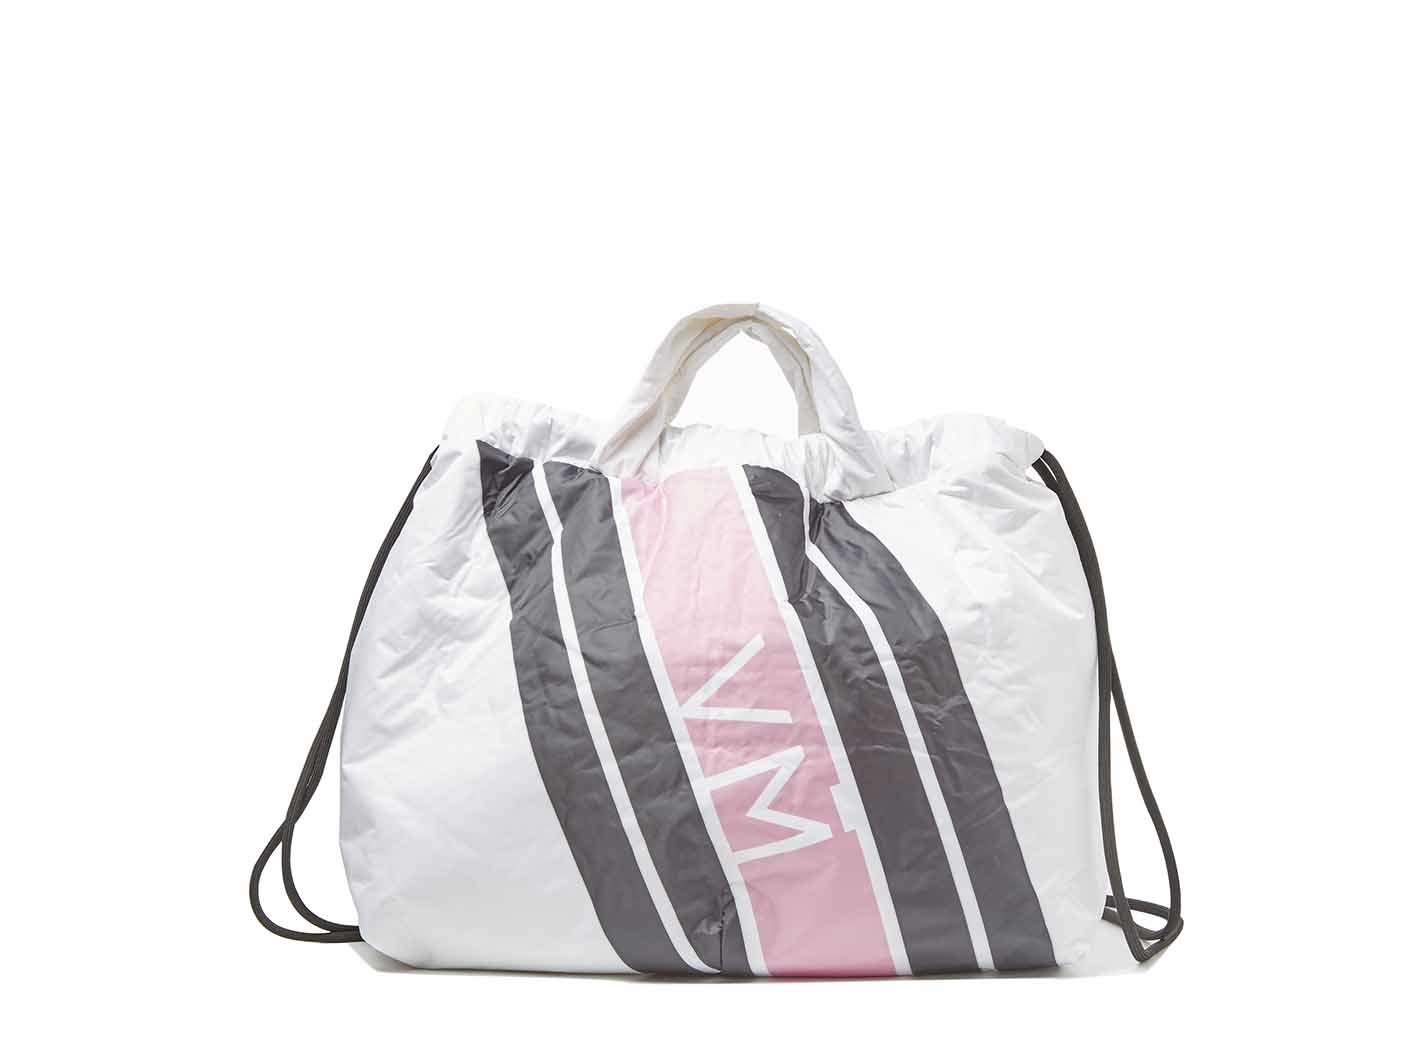 Maxi sacca in nylon con monogram Vic Matiè.